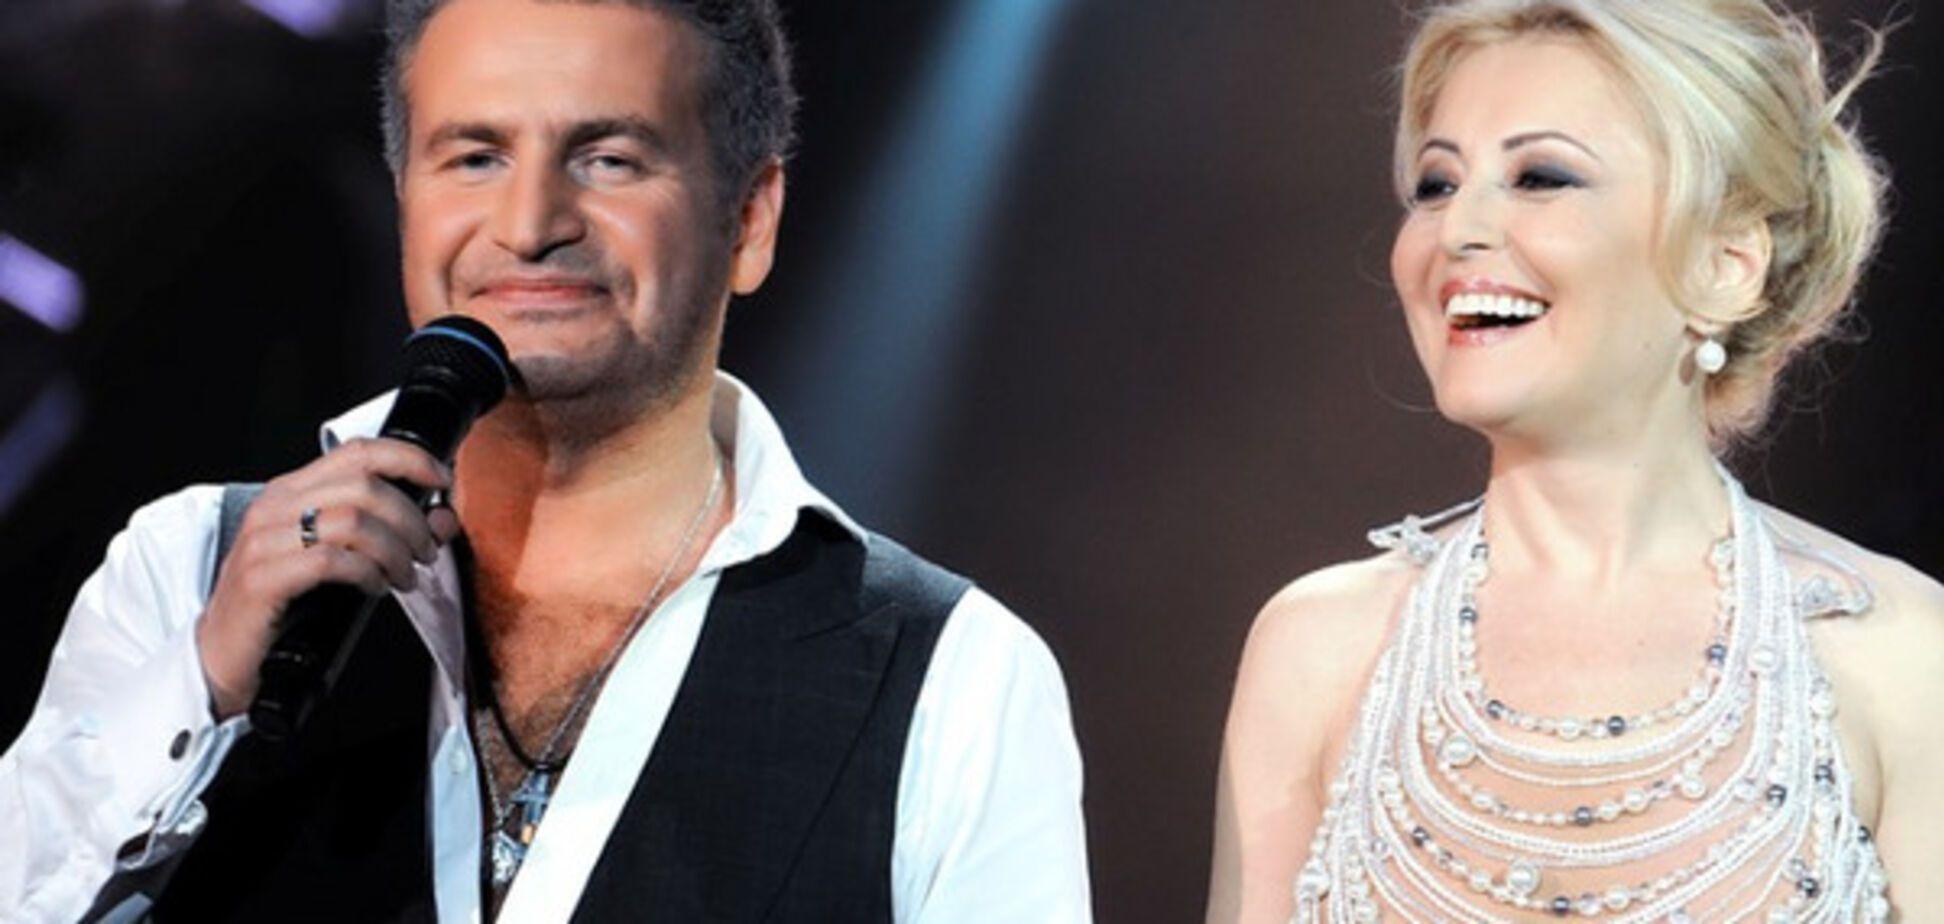 Скандал 'пьяного' Агутина с Варум на сцене: в пресс-службе артистов дали пояснения